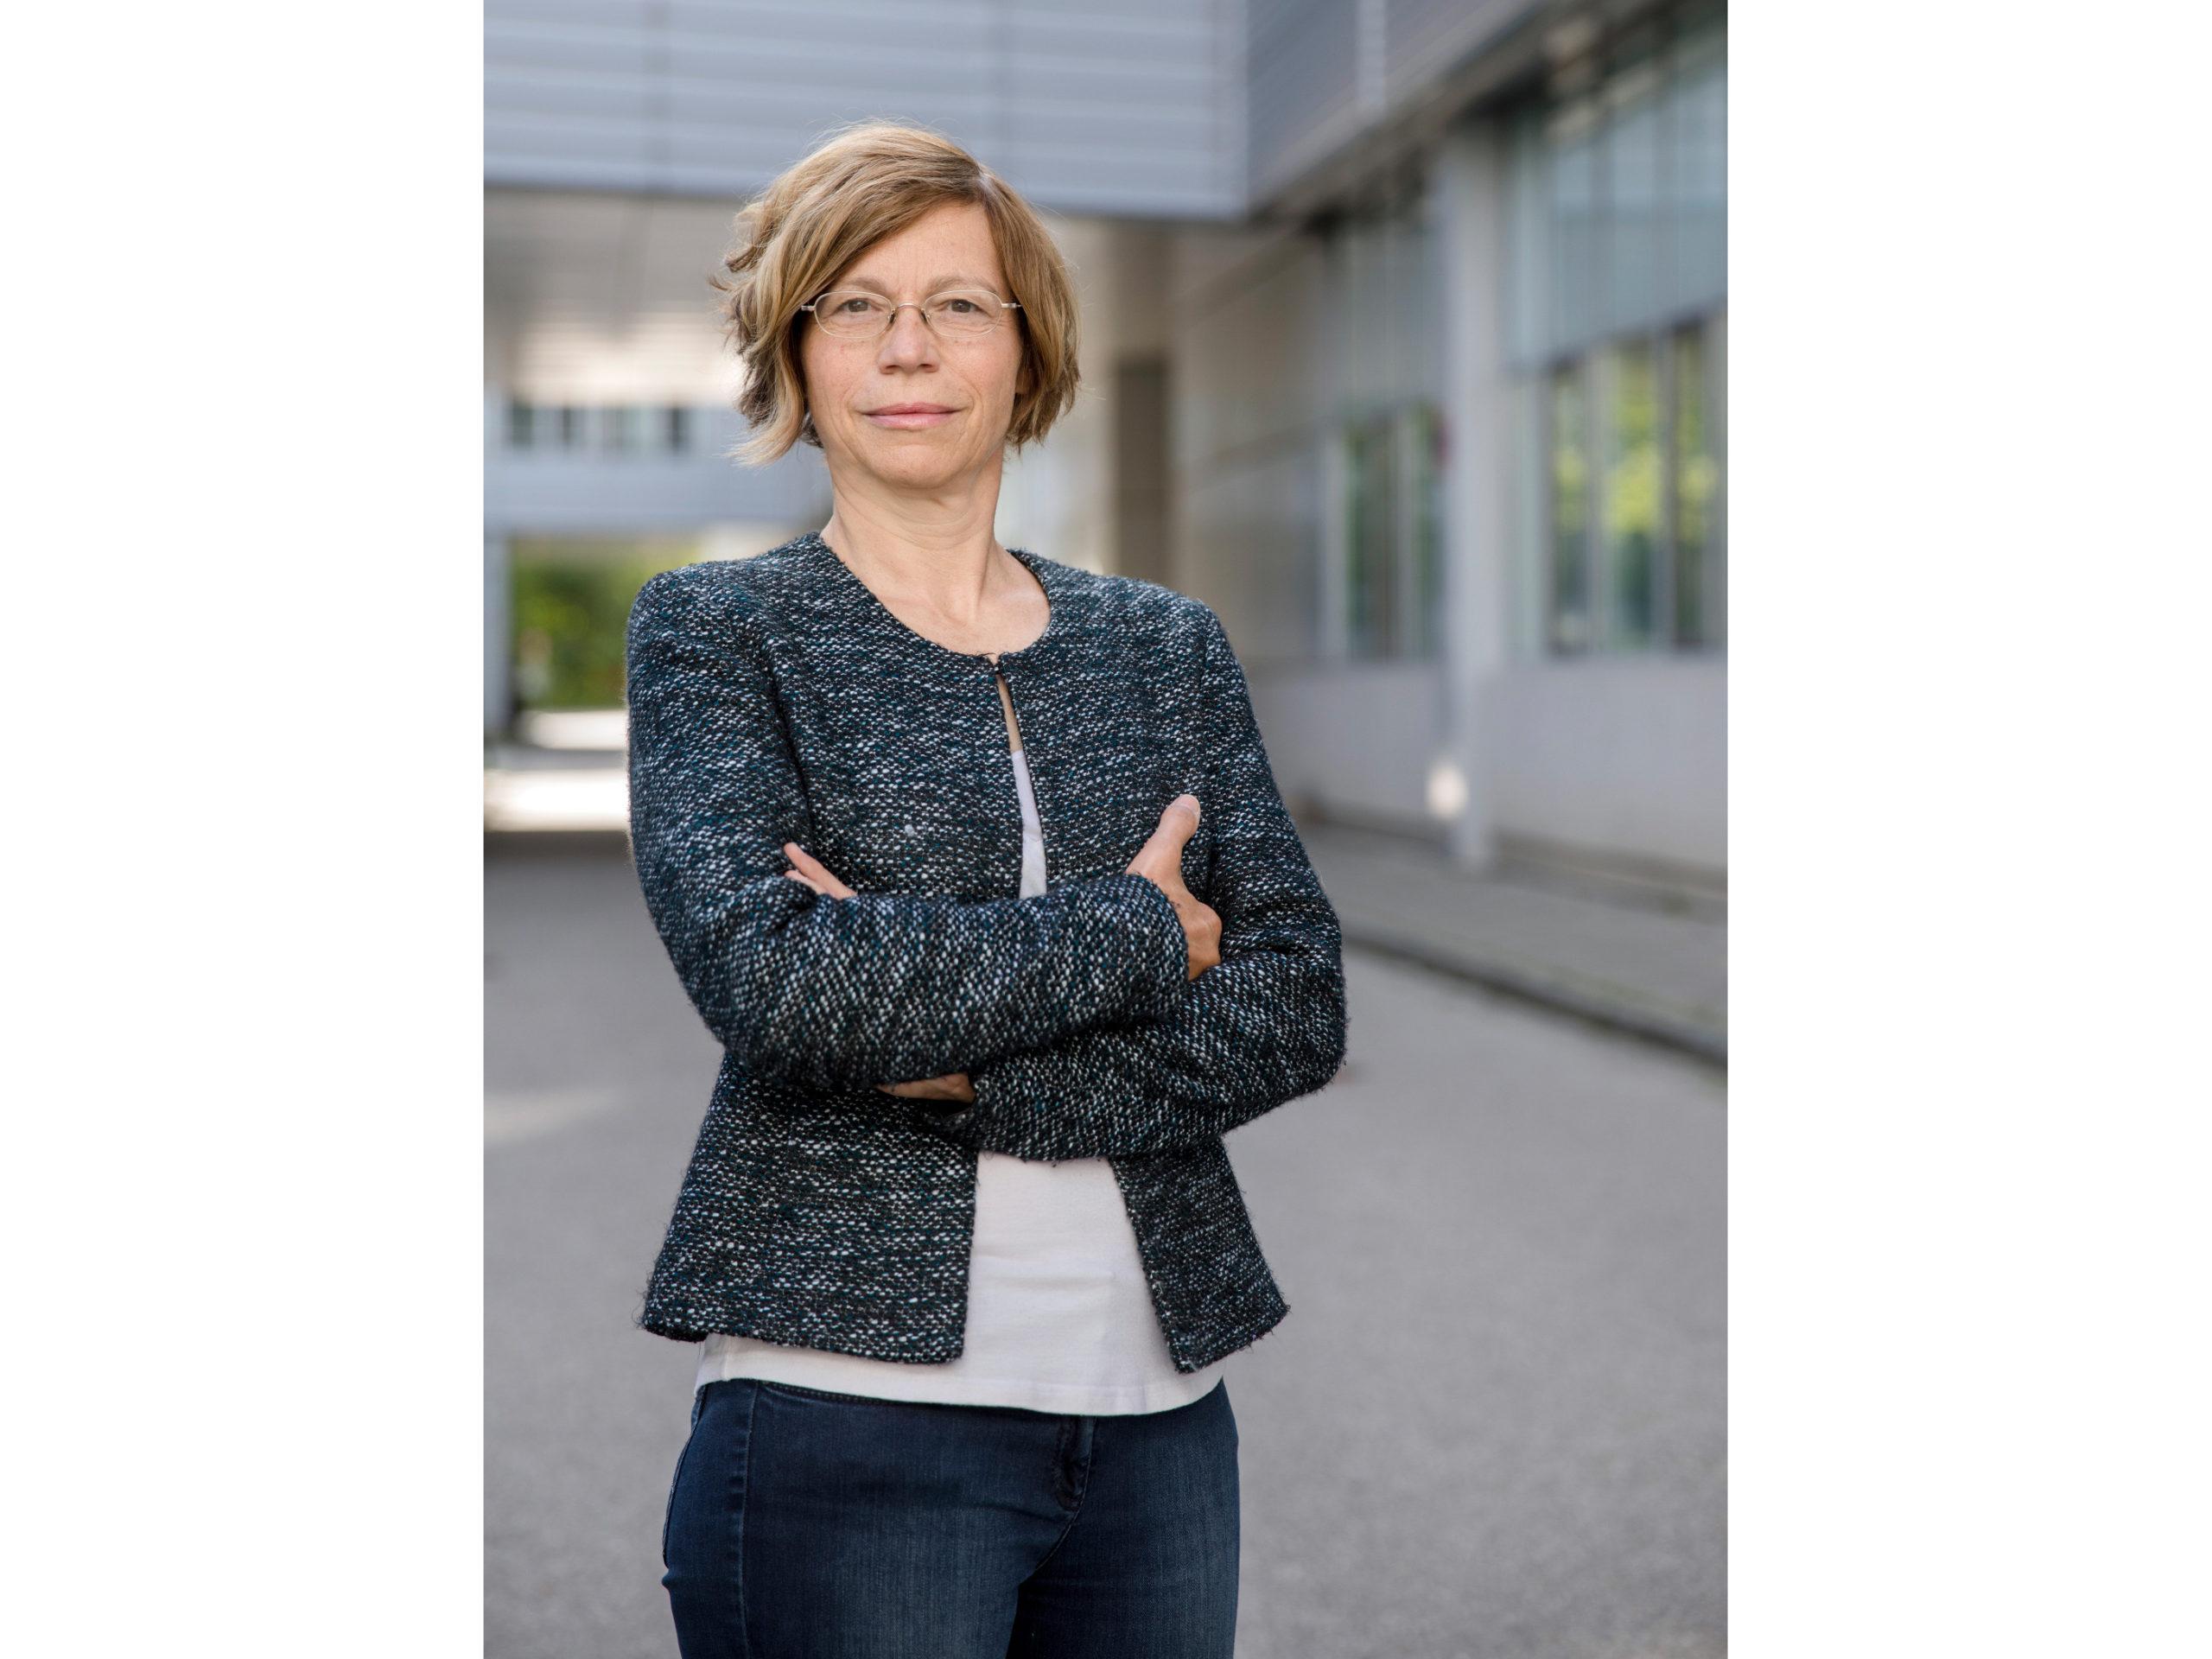 Astrid Kohl